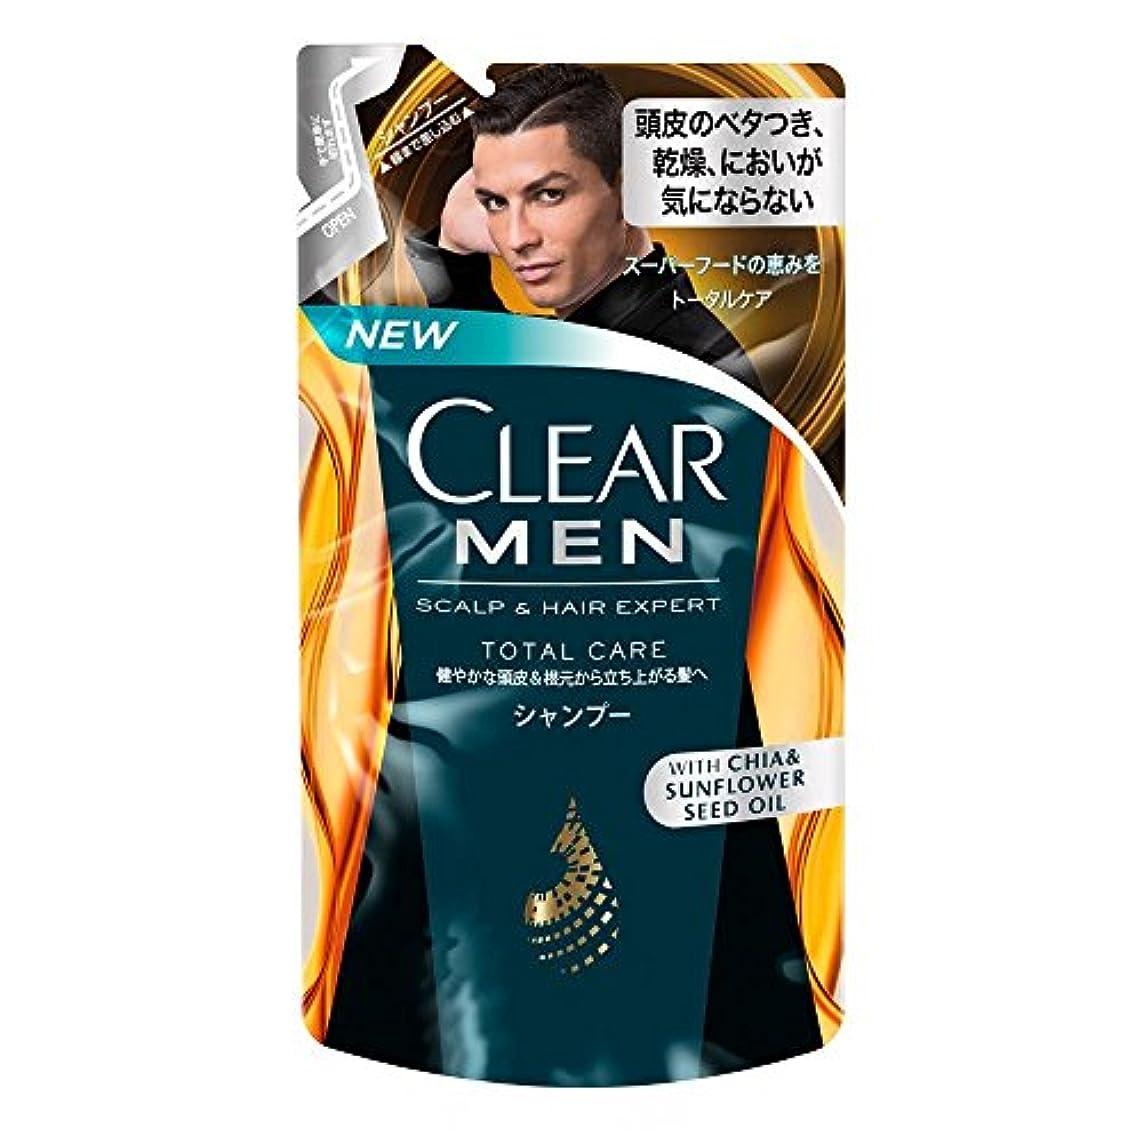 慎重に準備した支援クリア フォーメン トータルケア 男性用シャンプー つめかえ用 (健やかな頭皮へ) 280g × 3個